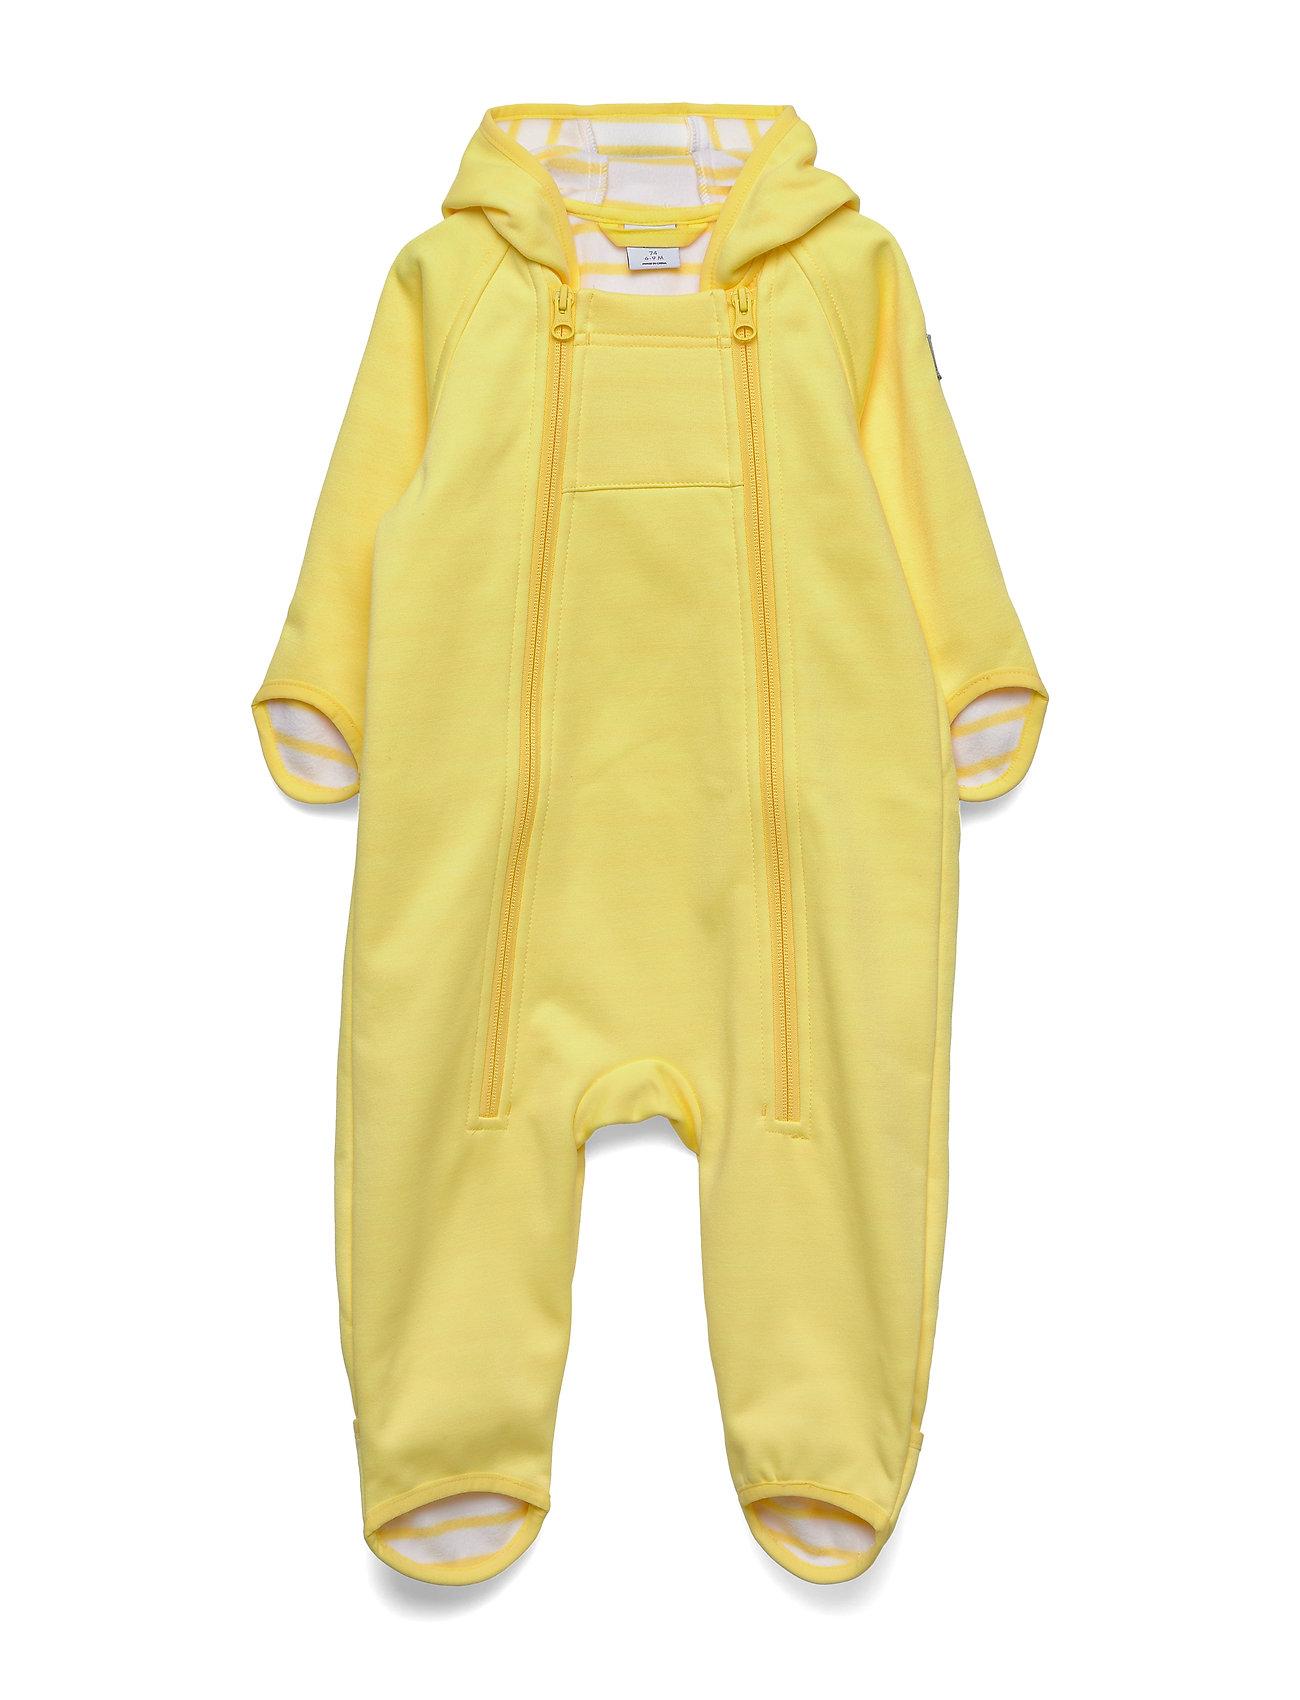 Polarn O. Pyret Overall Baby - LEMON DROP